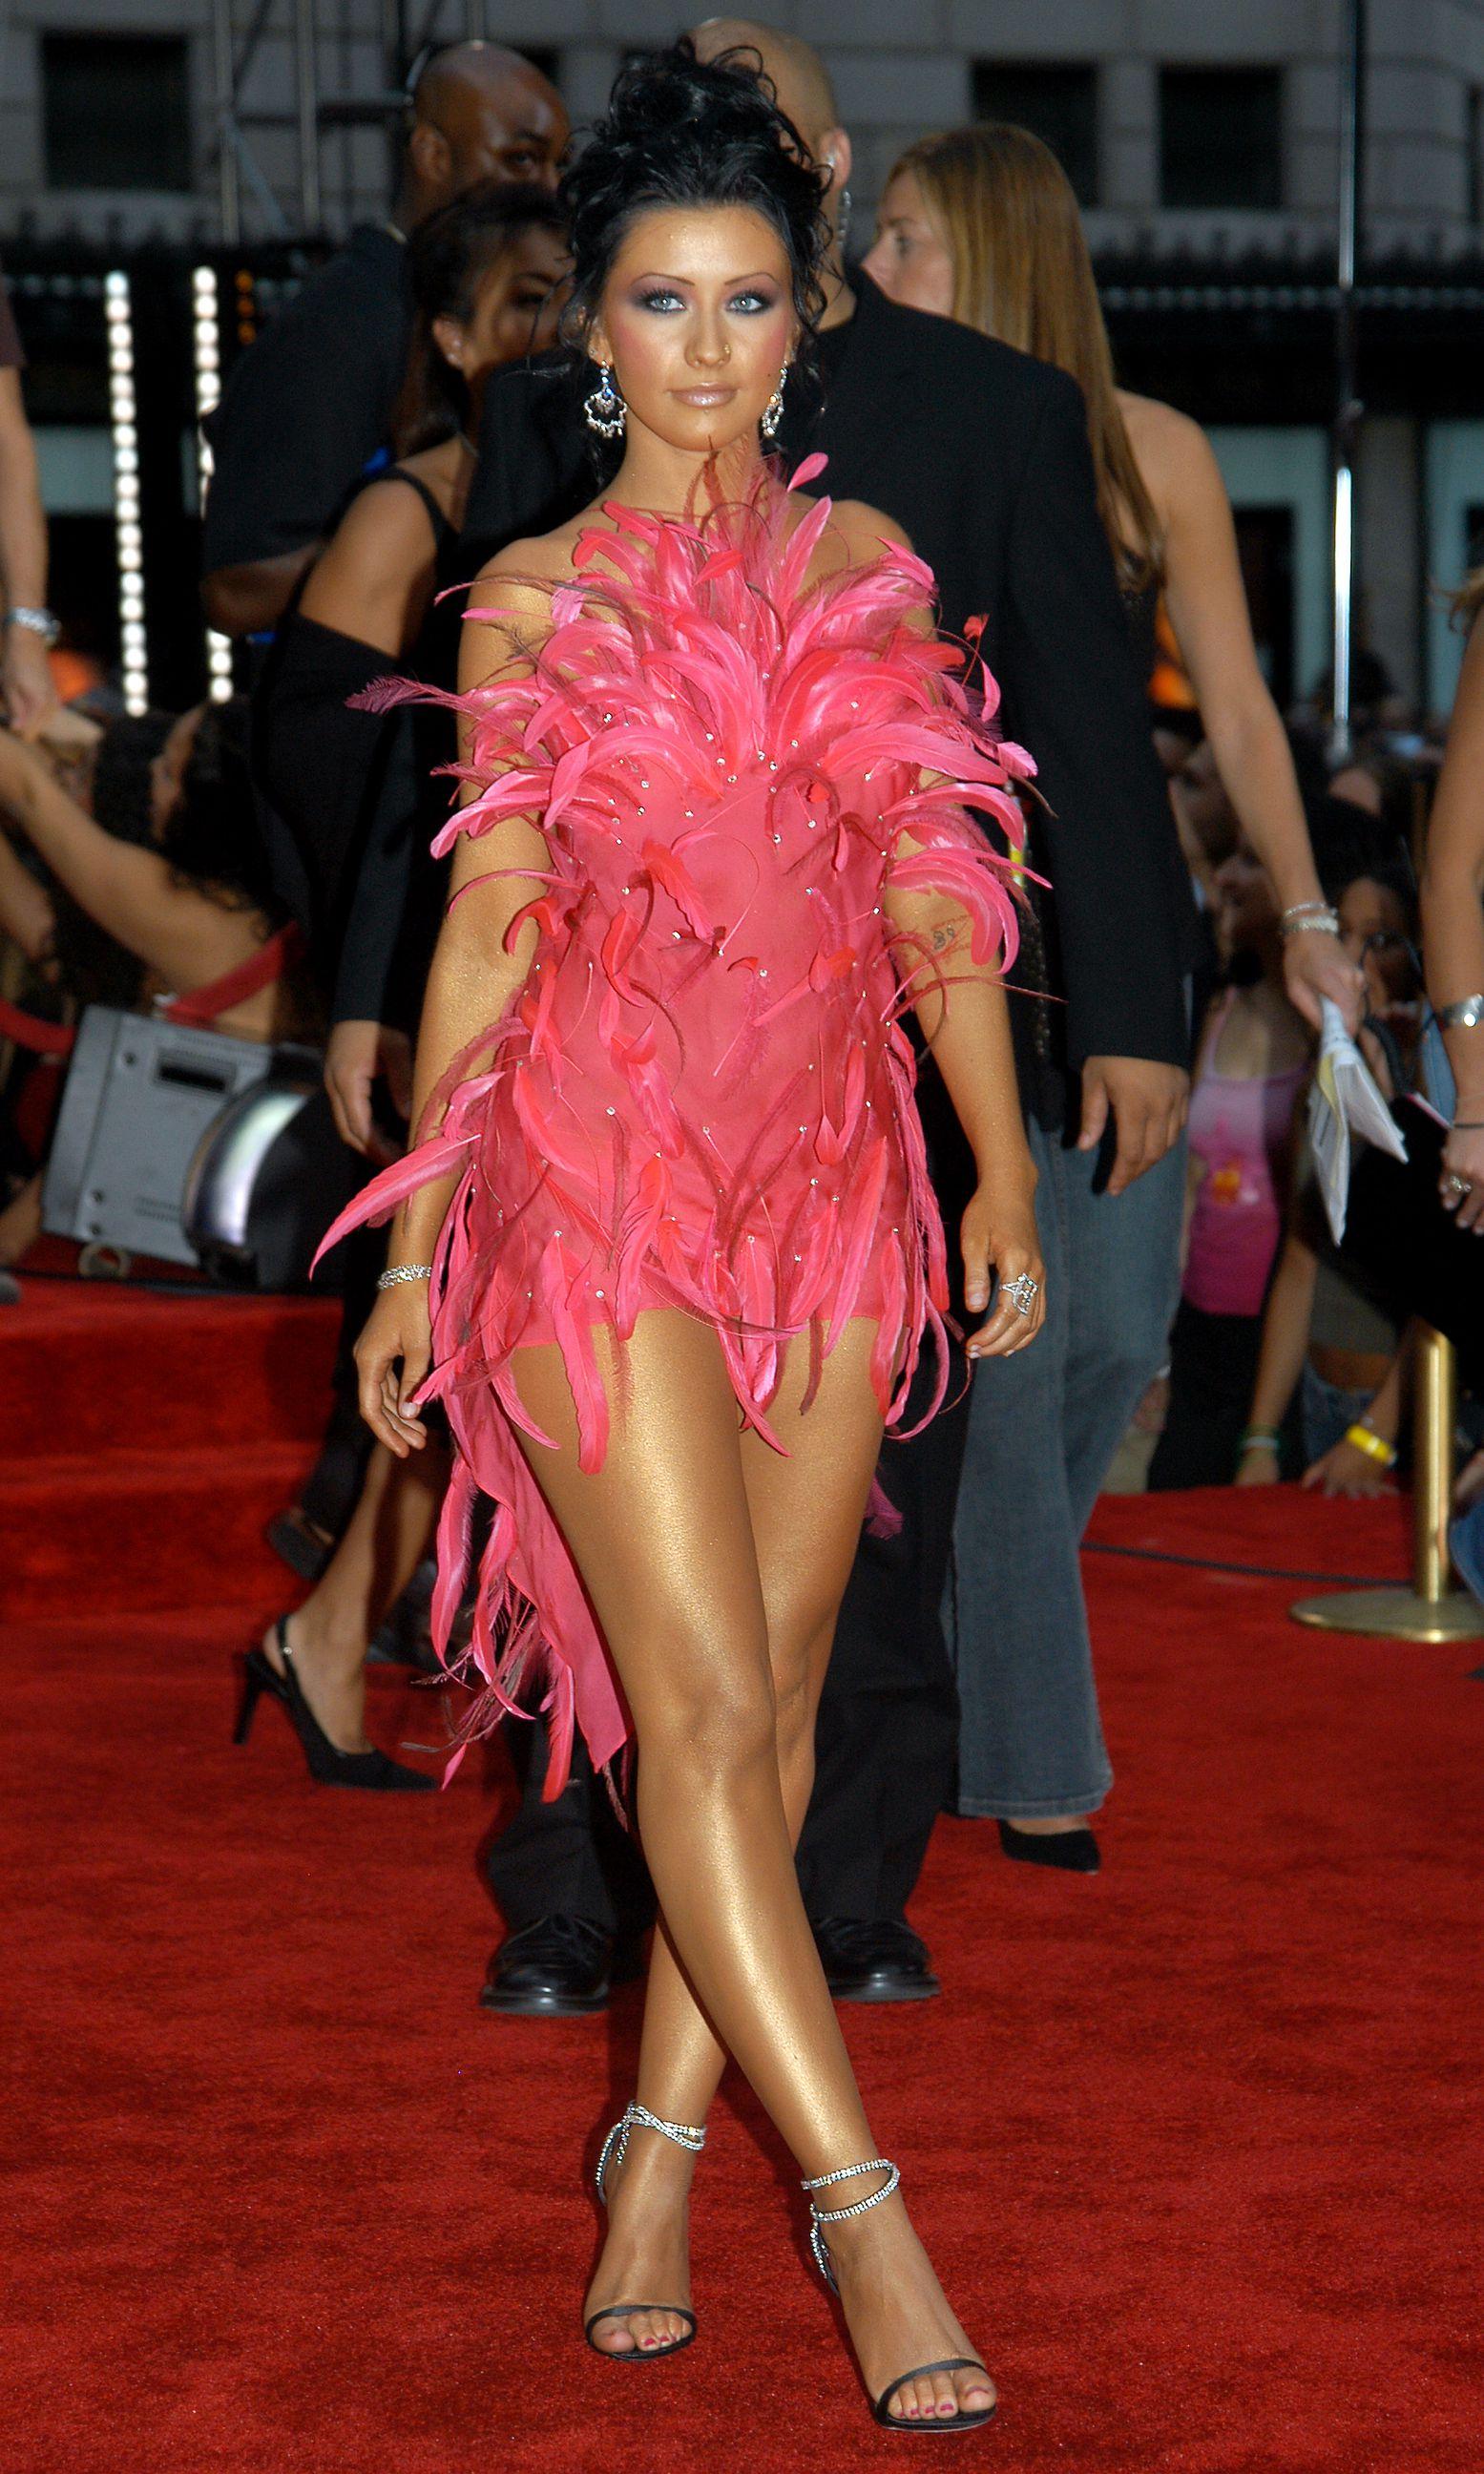 Christina Aguilera Feathery Look - VMA